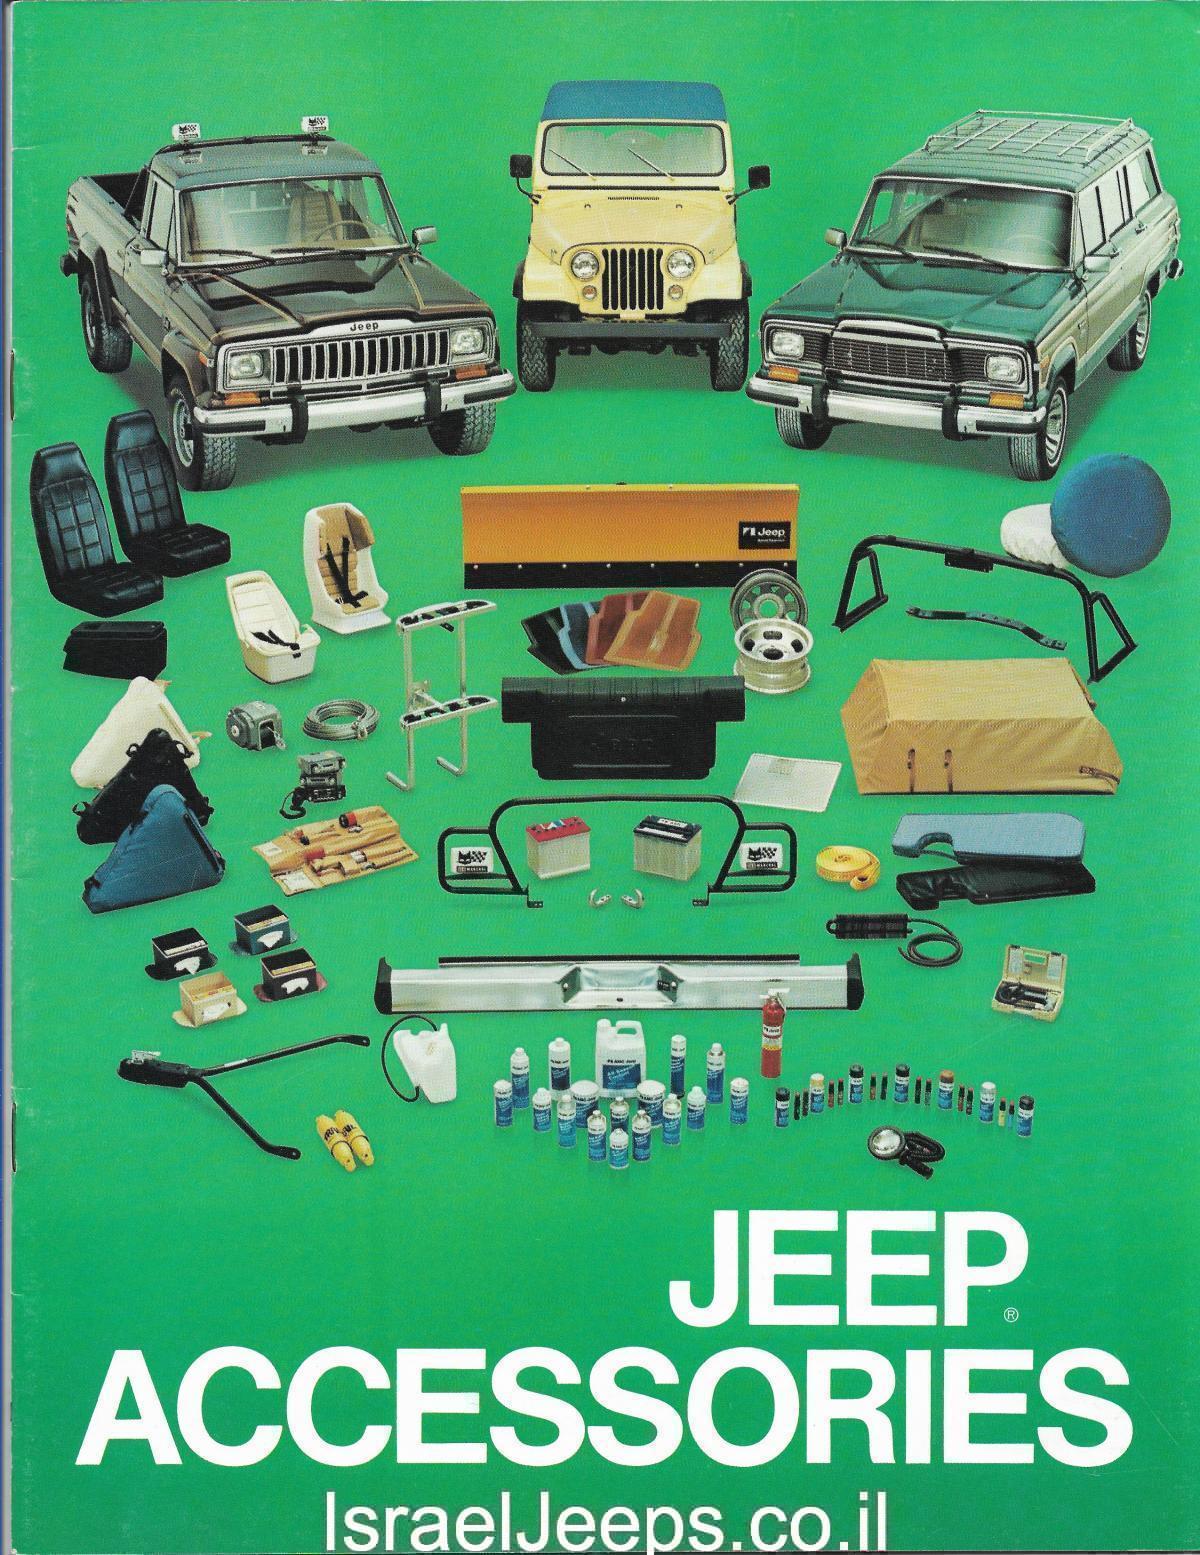 קטלוג אביזרים ג'יפ 1981